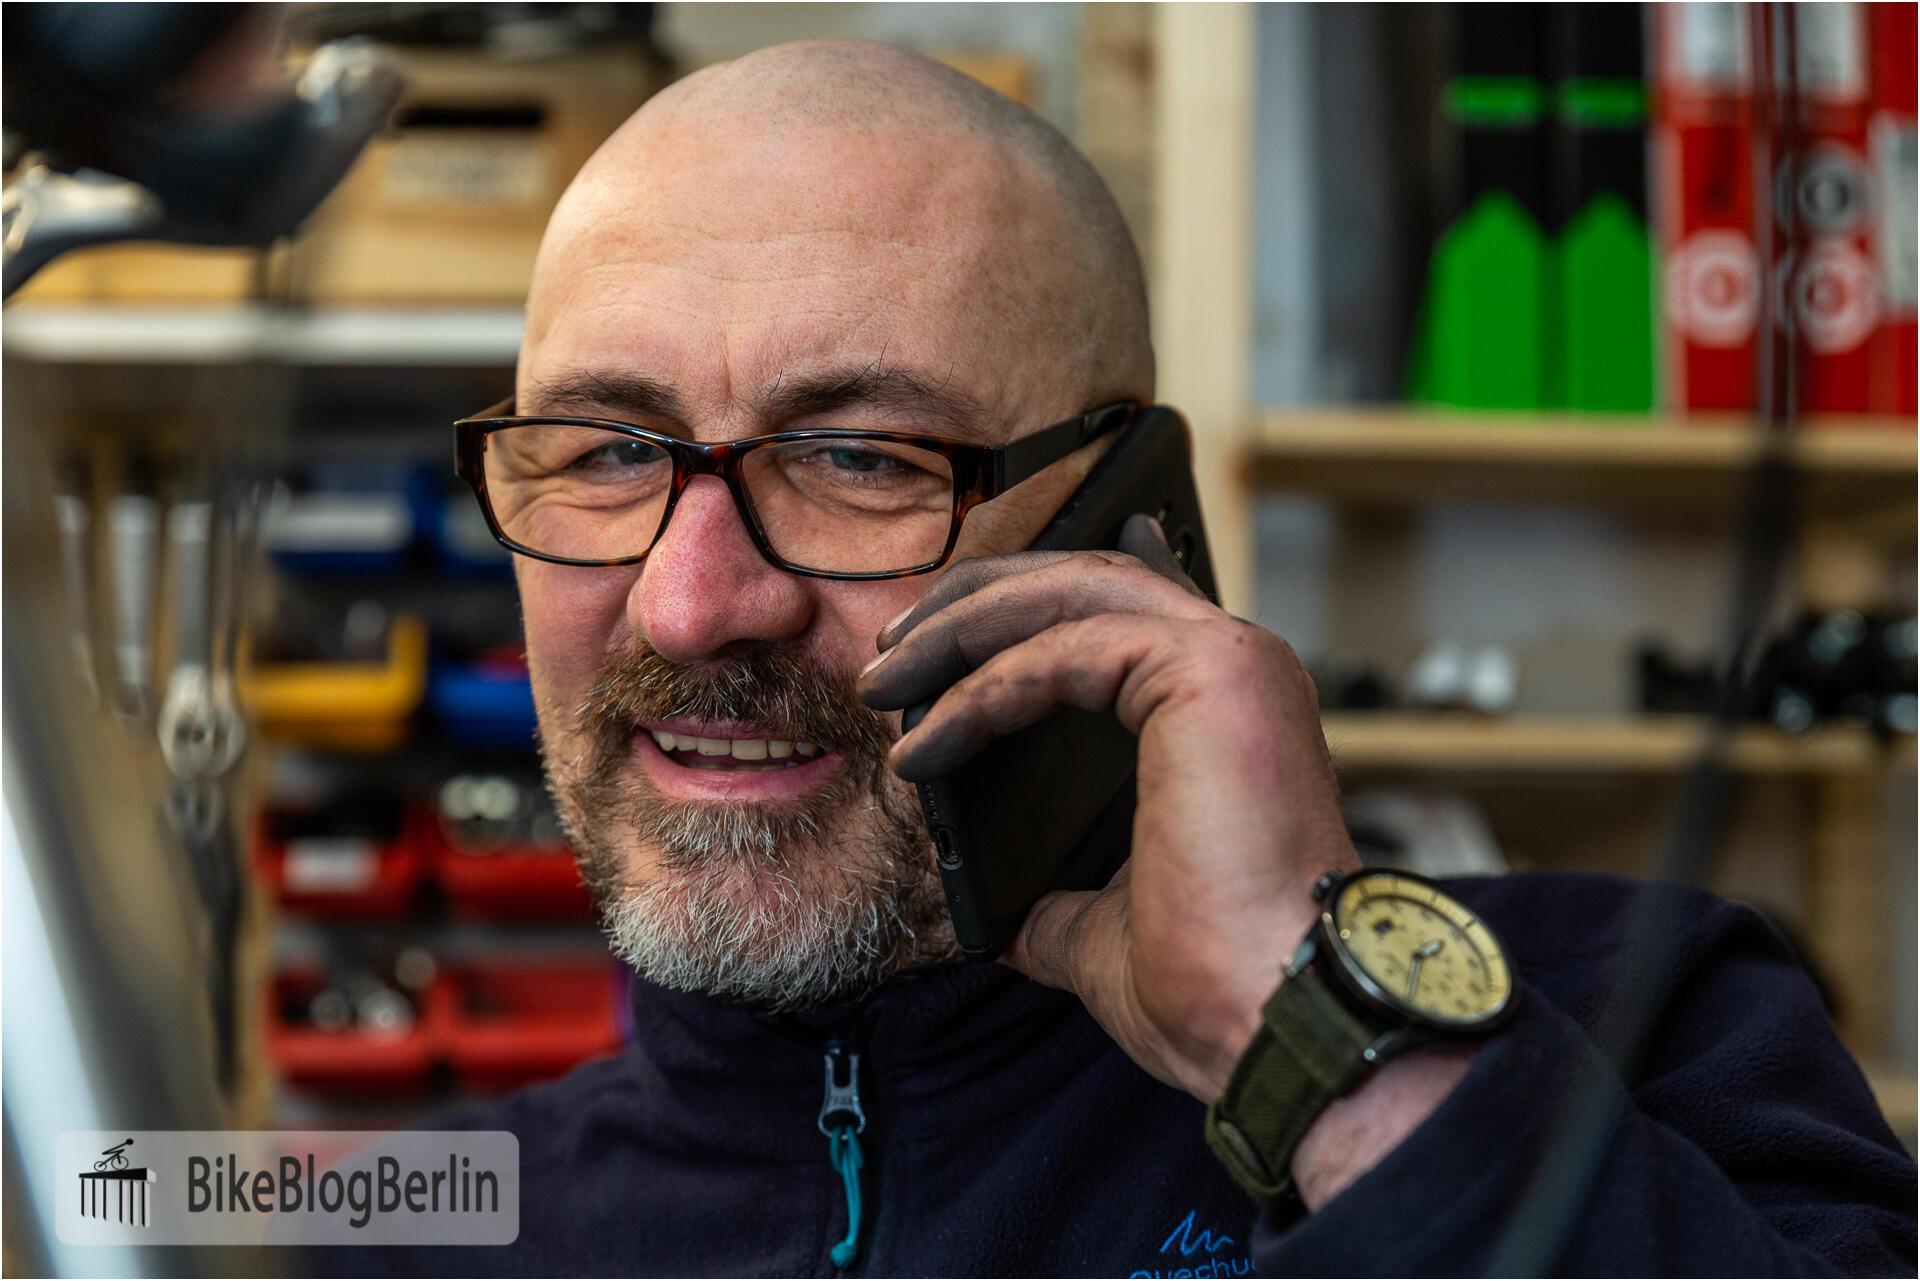 Sven Marx in der Werkstatt telefoniert mit einem Smartphone.